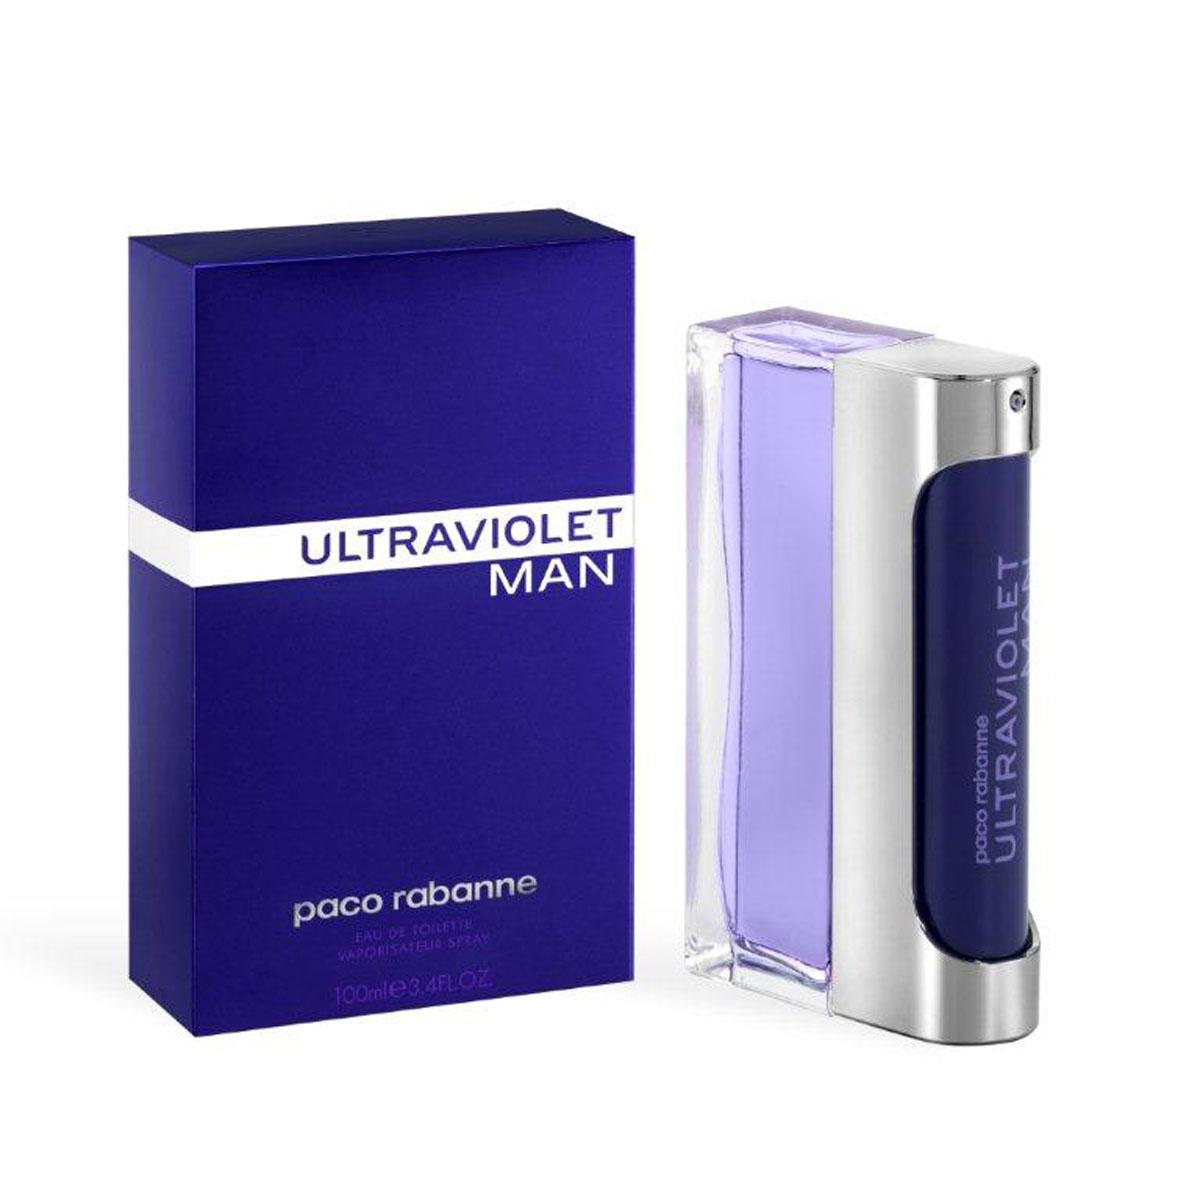 """Paco Rabanne Туалетная вода """"Ultraviolet Man"""", мужская, 100 мл 3349666010518"""